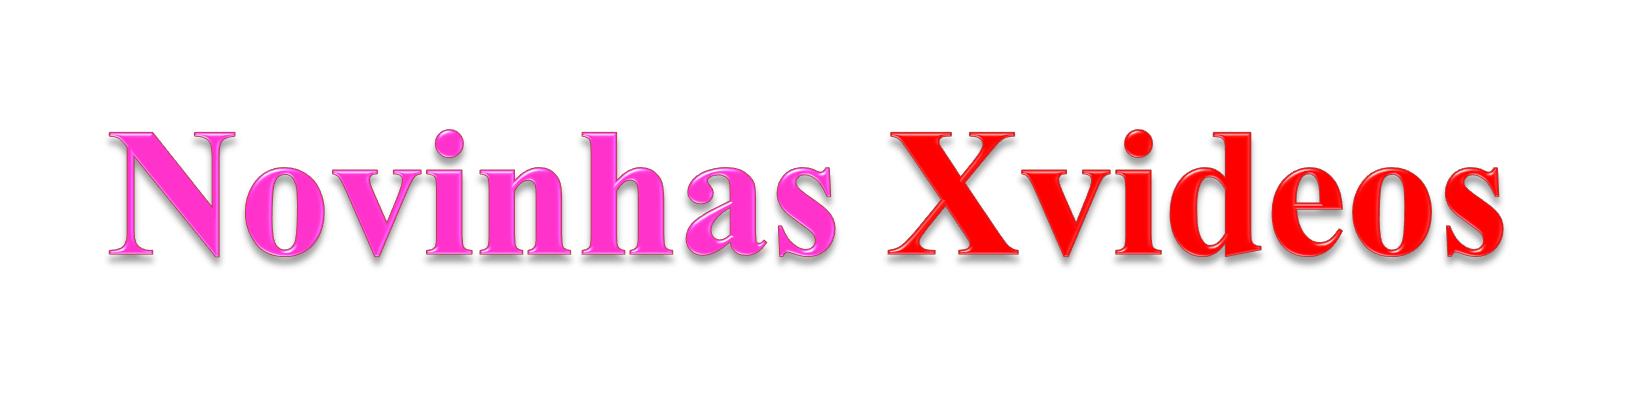 Novinhas Xvideos